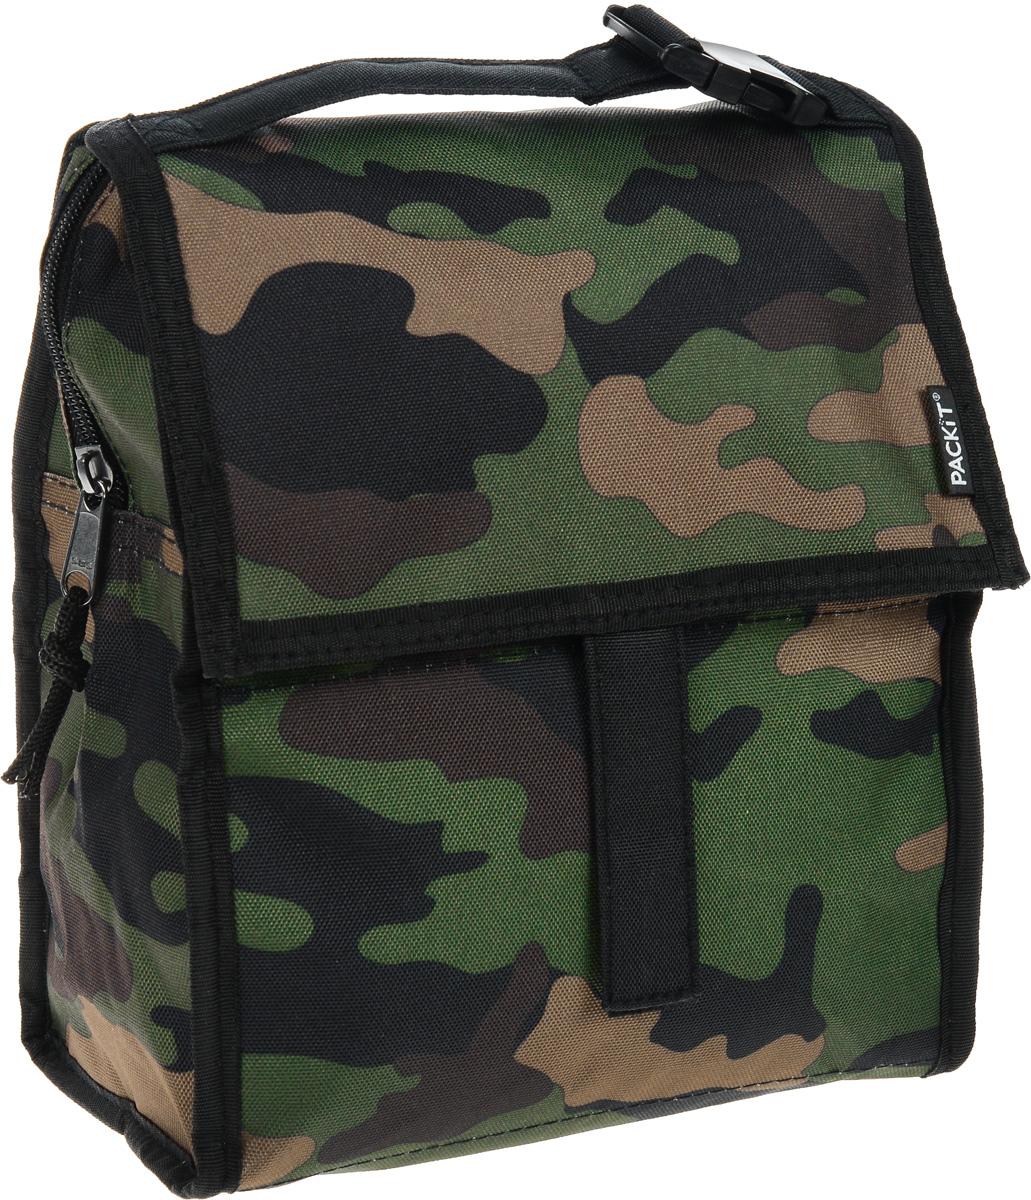 Сумка-холодильник Packit Lunch Bag, складная, цвет: хаки, 4,5 л. 0008Icon 10Сумка-холодильник Packit Lunch Bag предназначена для транспортировки и хранения продуктов и напитков. Охлаждает продукты как холодильник. Сумка изготовлена из ПВХ, BPA-Free (без содержания бисфенол А), внутренняя поверхность - из специального термоизоляционного материала, который надежно удерживает холод внутри. Для удобной переноски сумка снабжена ручкой с пластиковой защелкой. Сумка-холодильник закрывается на застежку-молнию, клапаном и фиксируется липучками. Сохраняет температуру до 10 часов. Размер сумки (в разложенном виде): 21 х 13,5 х 24 см.Размер сумки (в сложенном виде): 21 х 6 х 13 см.